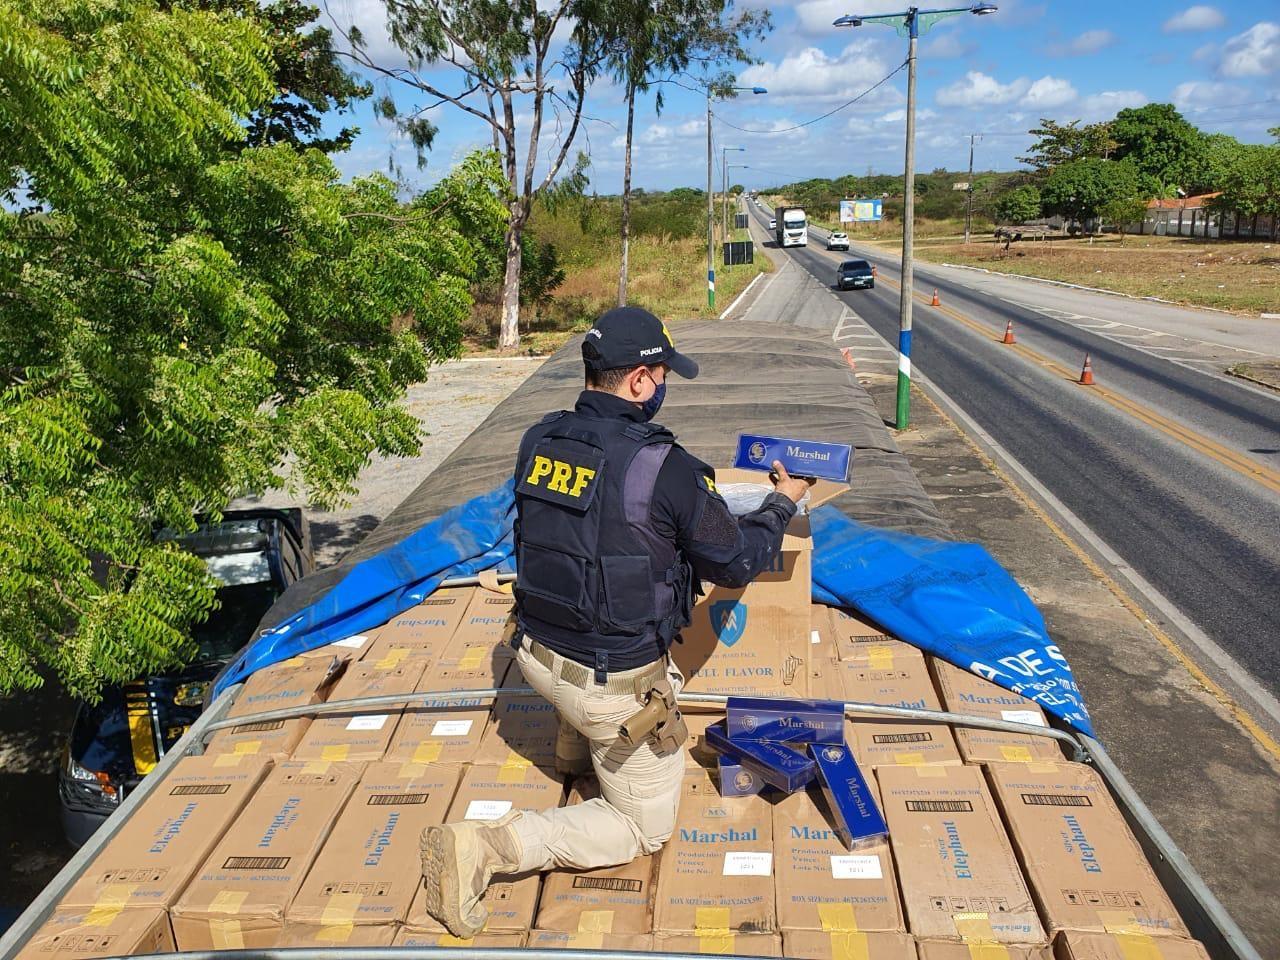 PRF aborda caminhão após manobras perigosas e descobre carga de R$ 1,2 mi de cigarro ilegal na BR-222, no CE